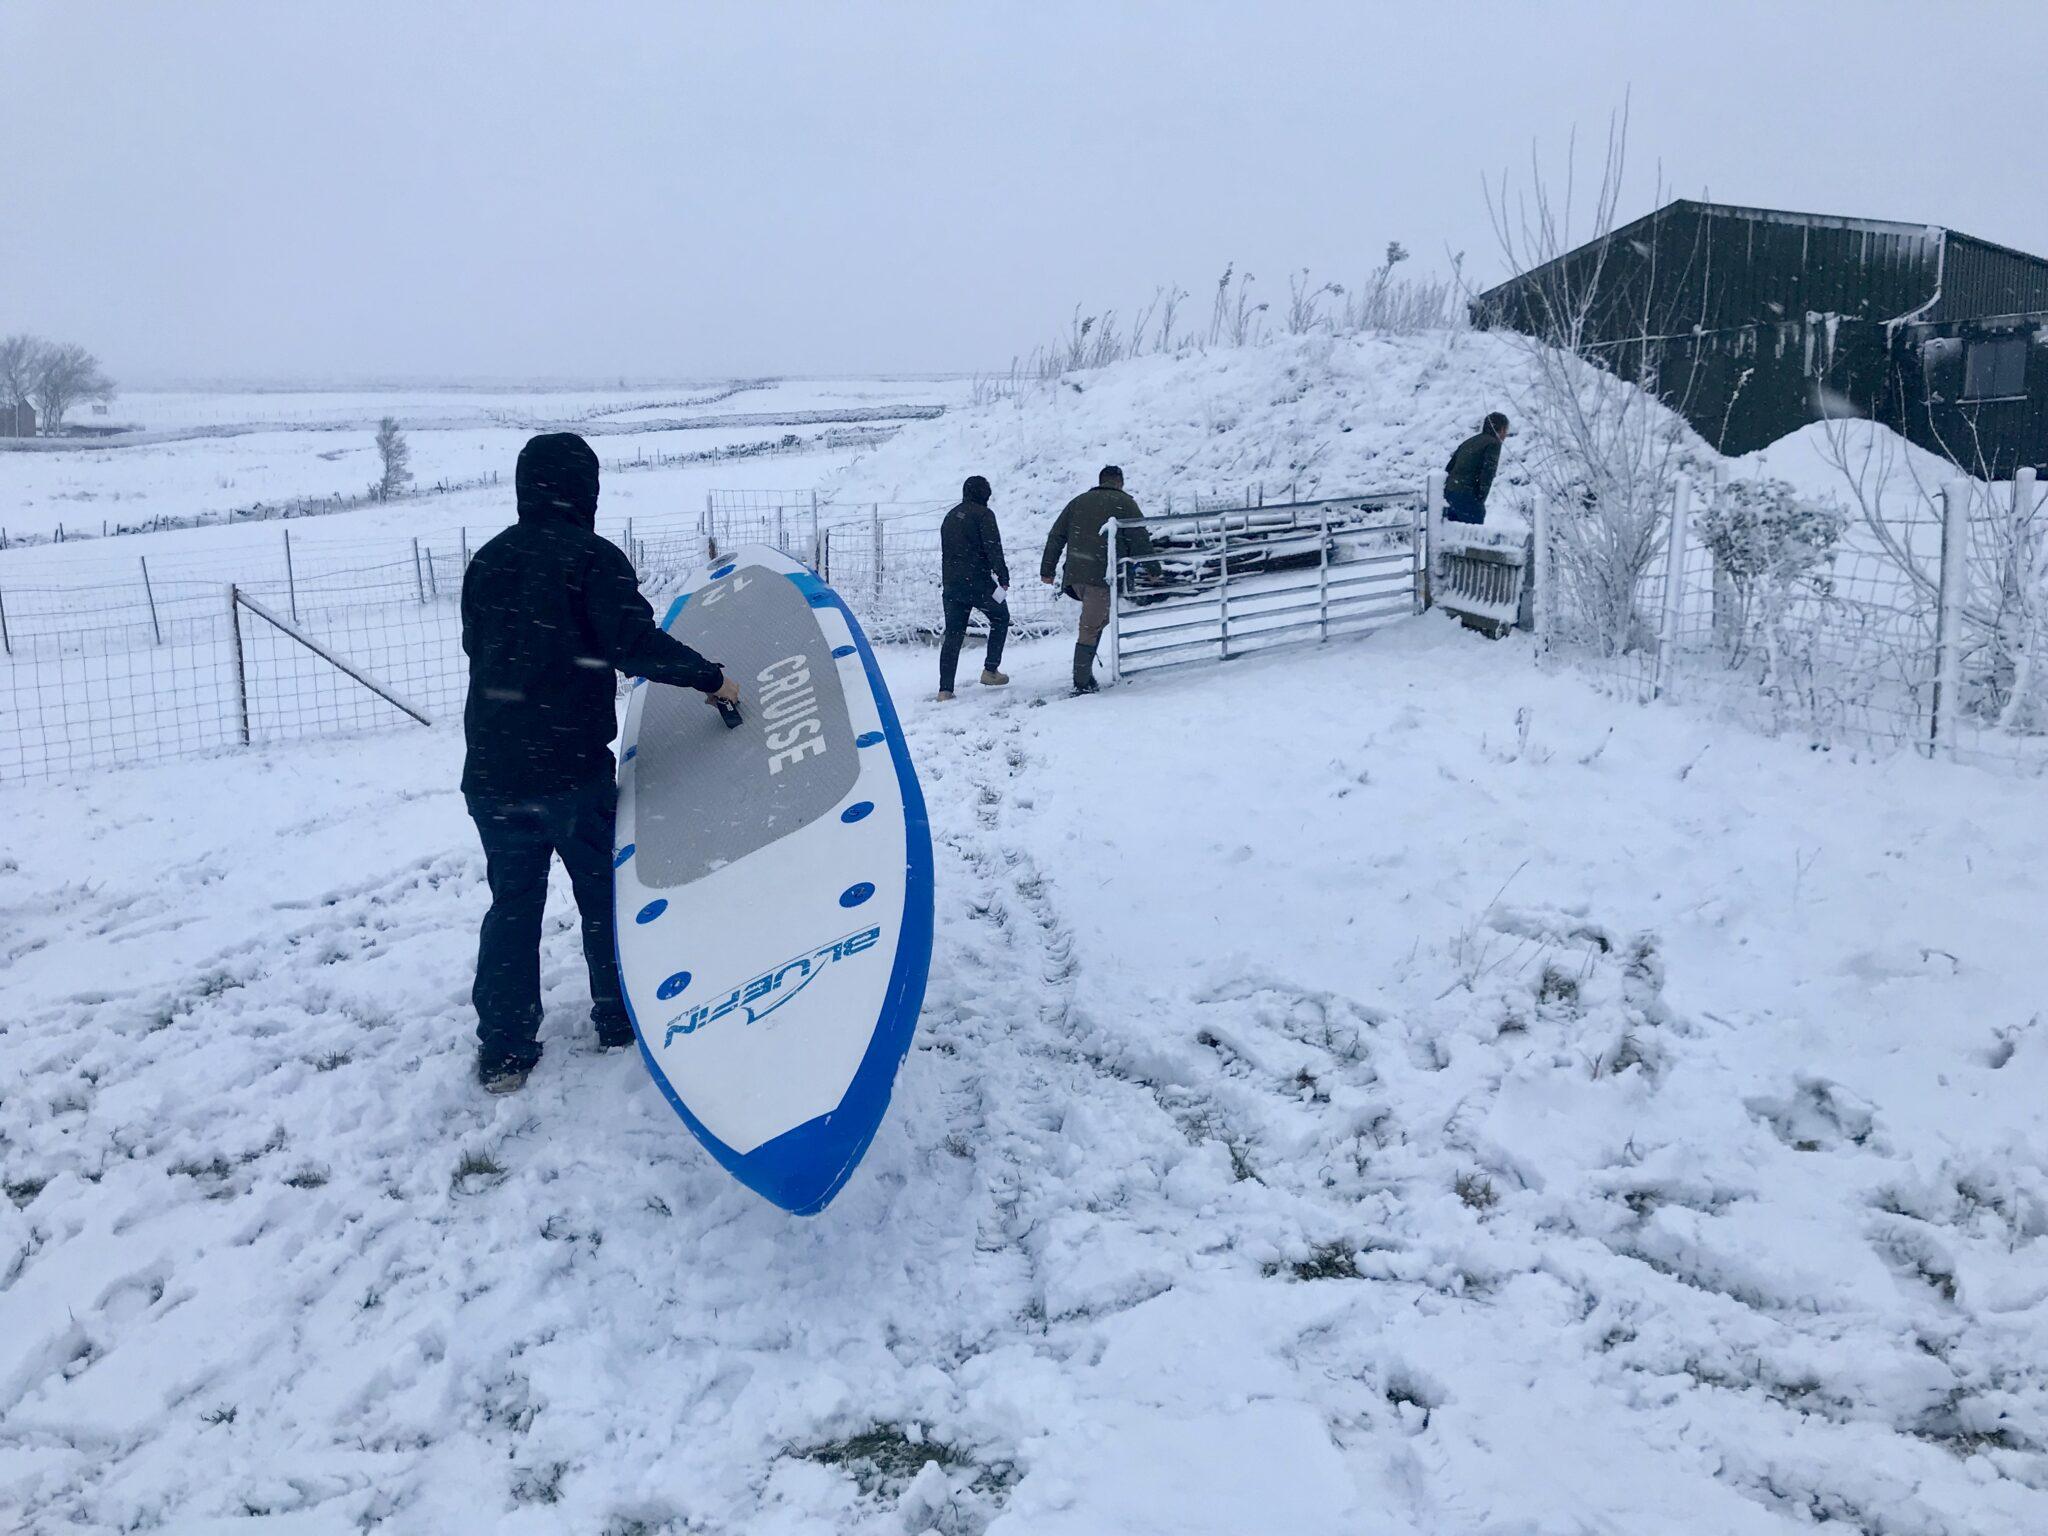 bluefin cruise SUP carried through snow